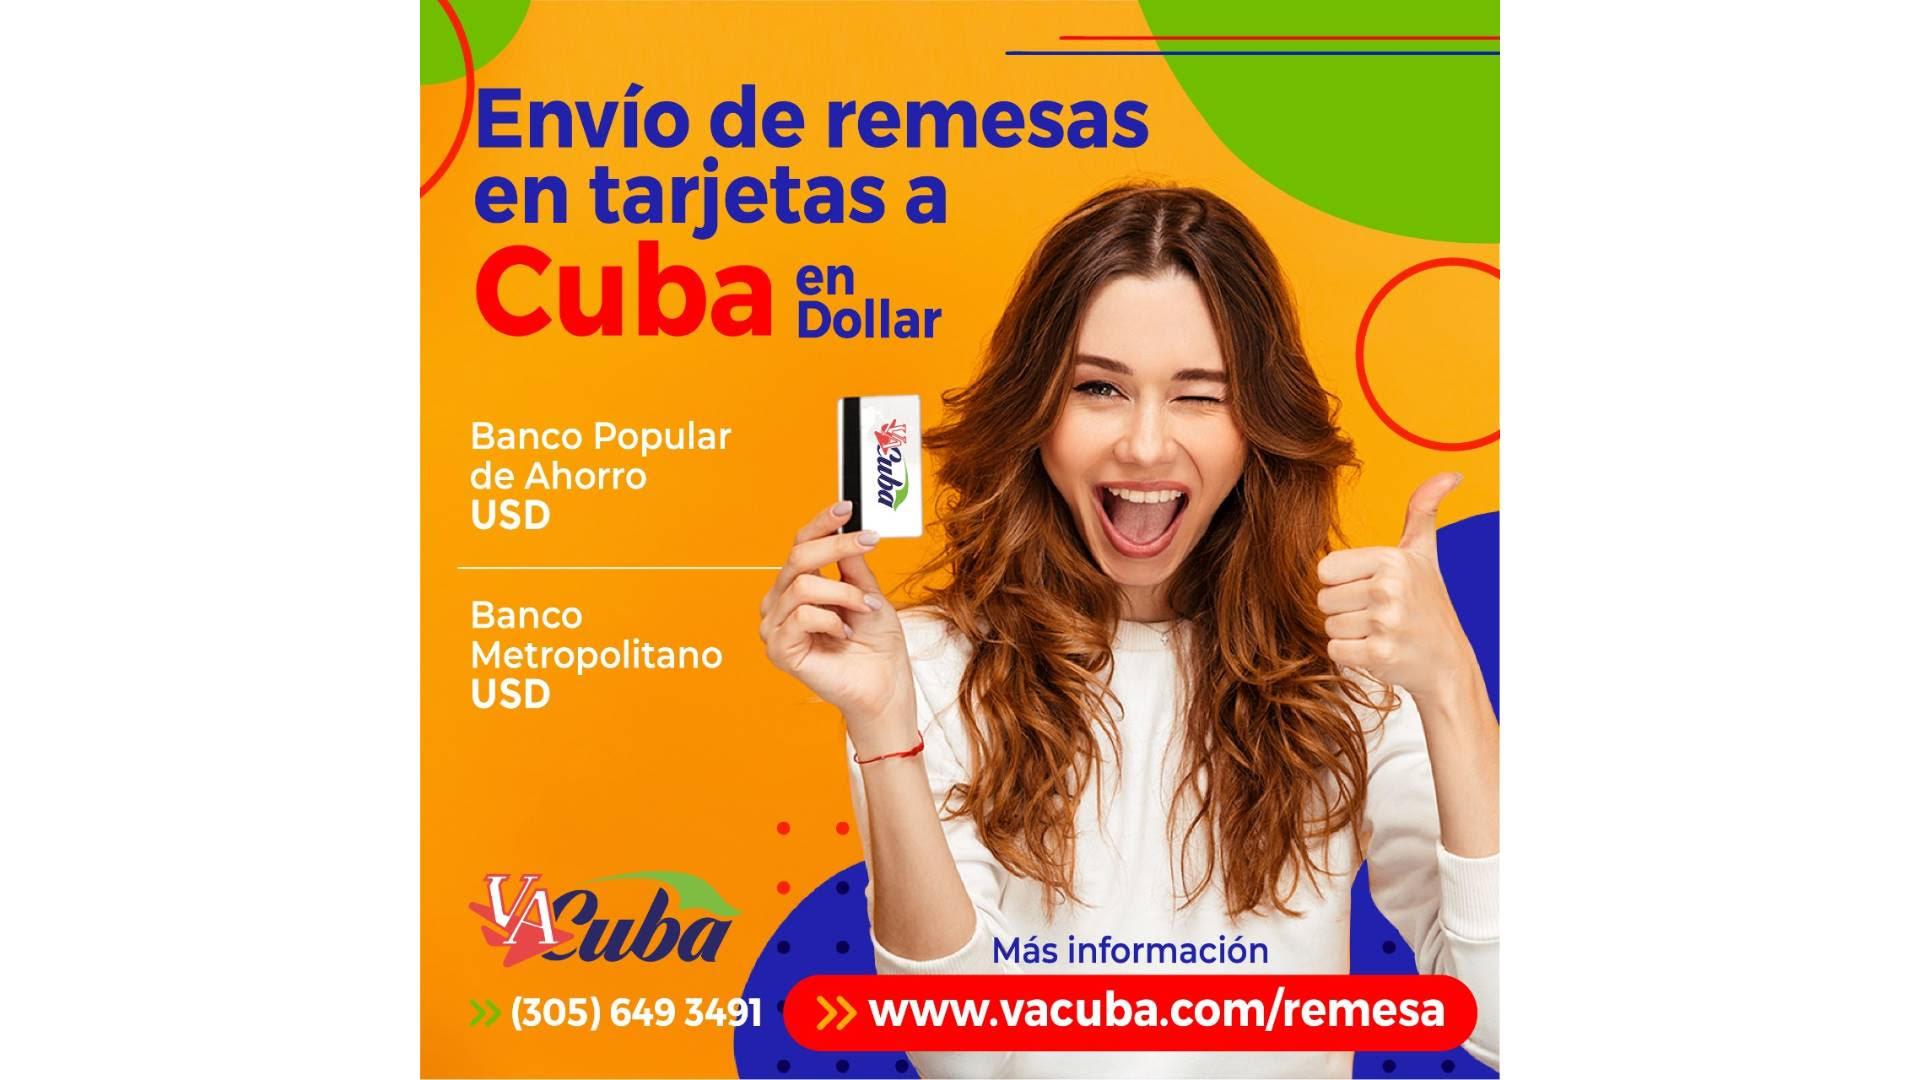 VaCuba reanuda sus servicios de envíos de remesas en dólares a Cuba